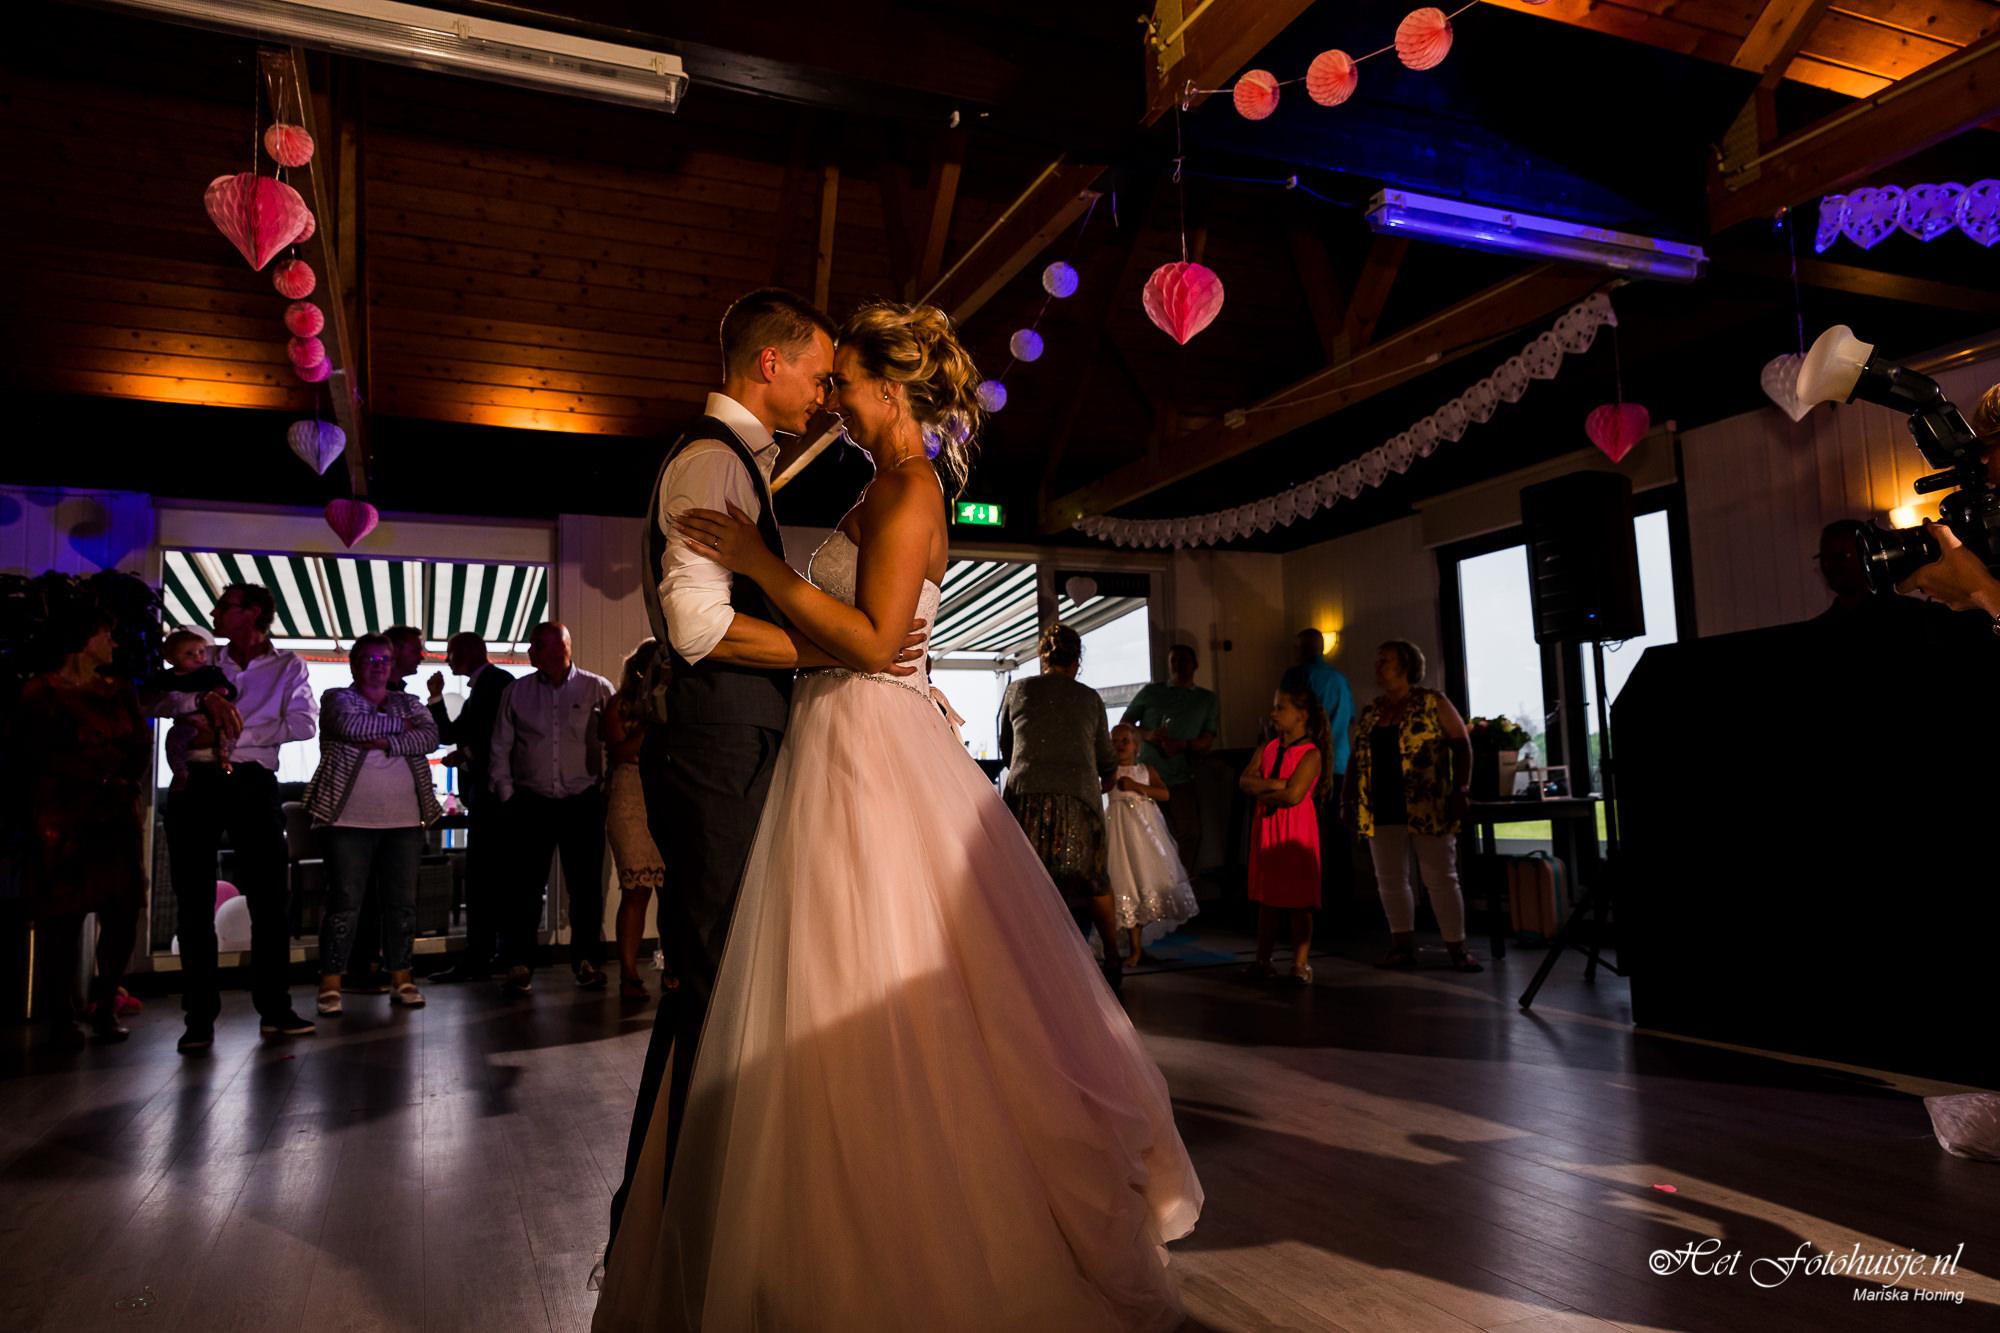 De mooie bruiloft van Rory en Erica